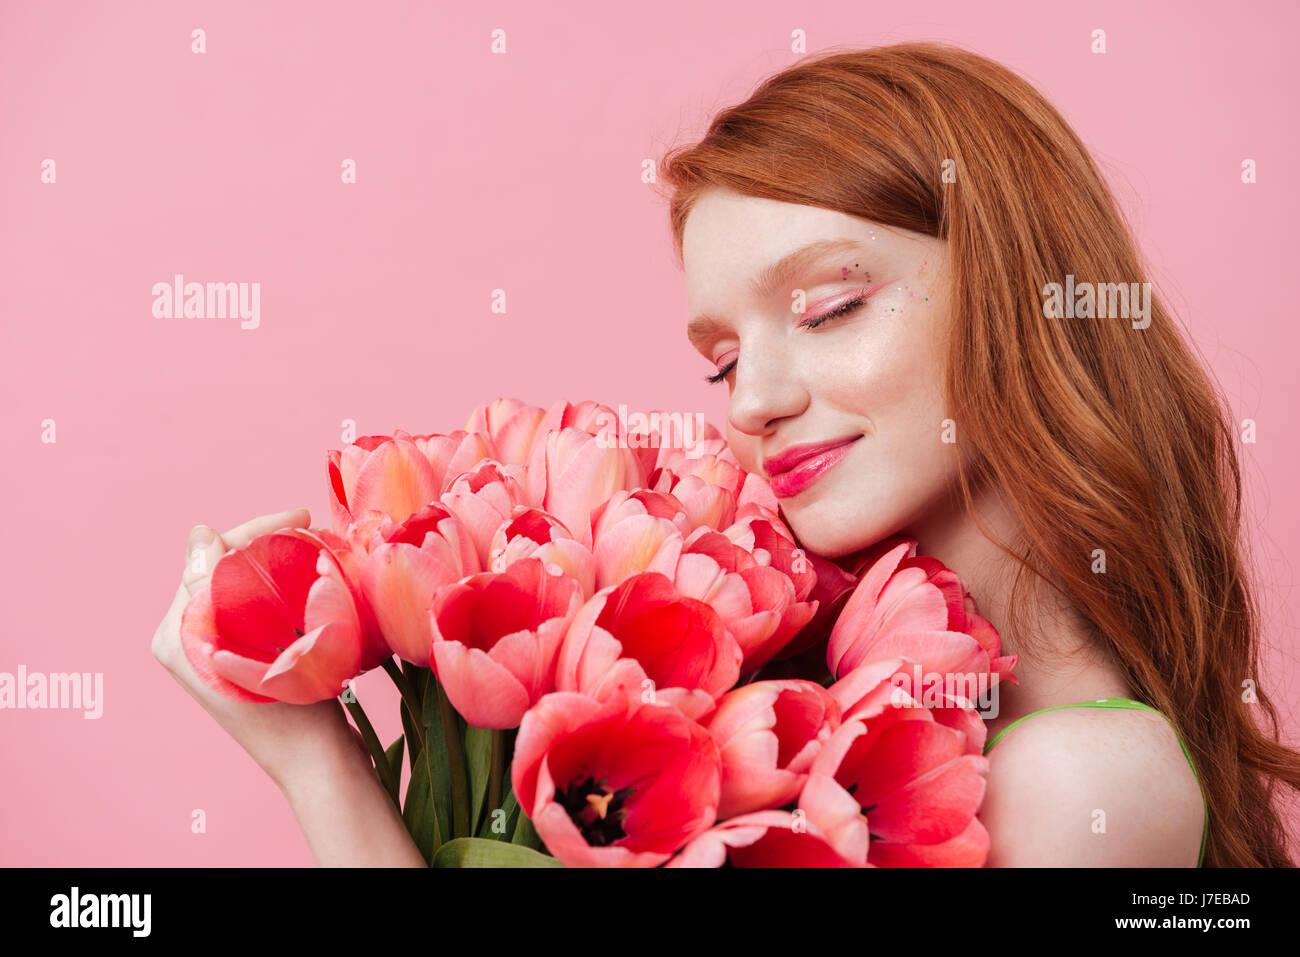 Young Pretty woman et renifle aux yeux clos des fleurs roses Photo Stock